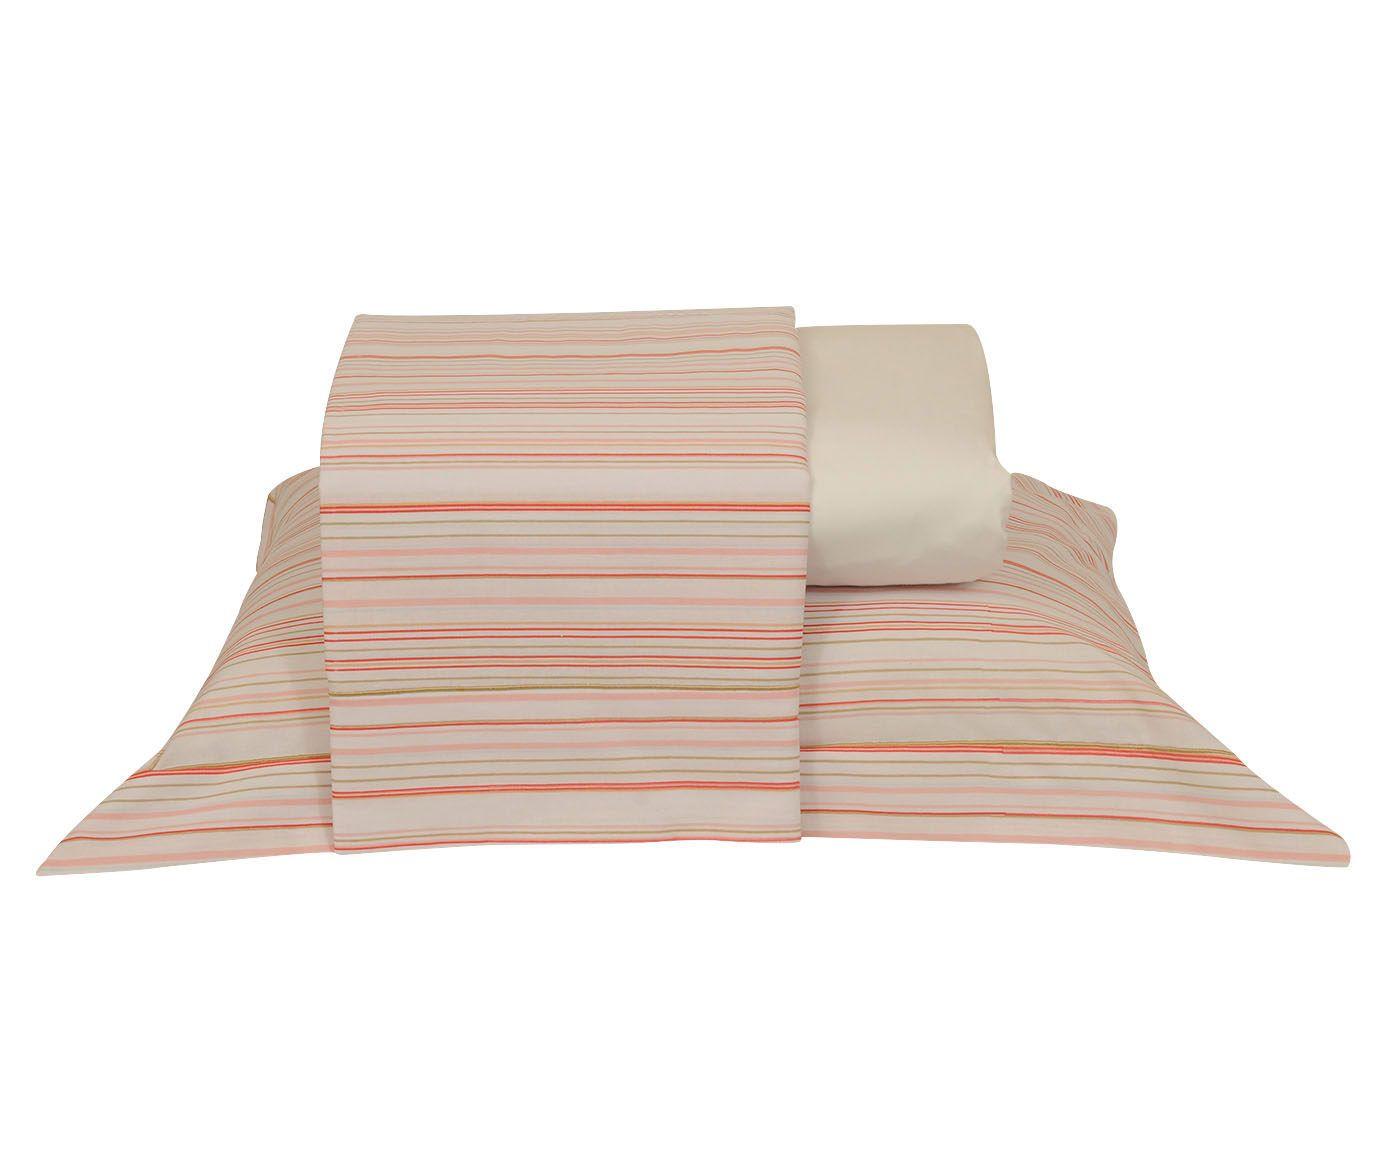 Jogo de lençol versatt stripes para cama king size 150 fios- ritz | Westwing.com.br